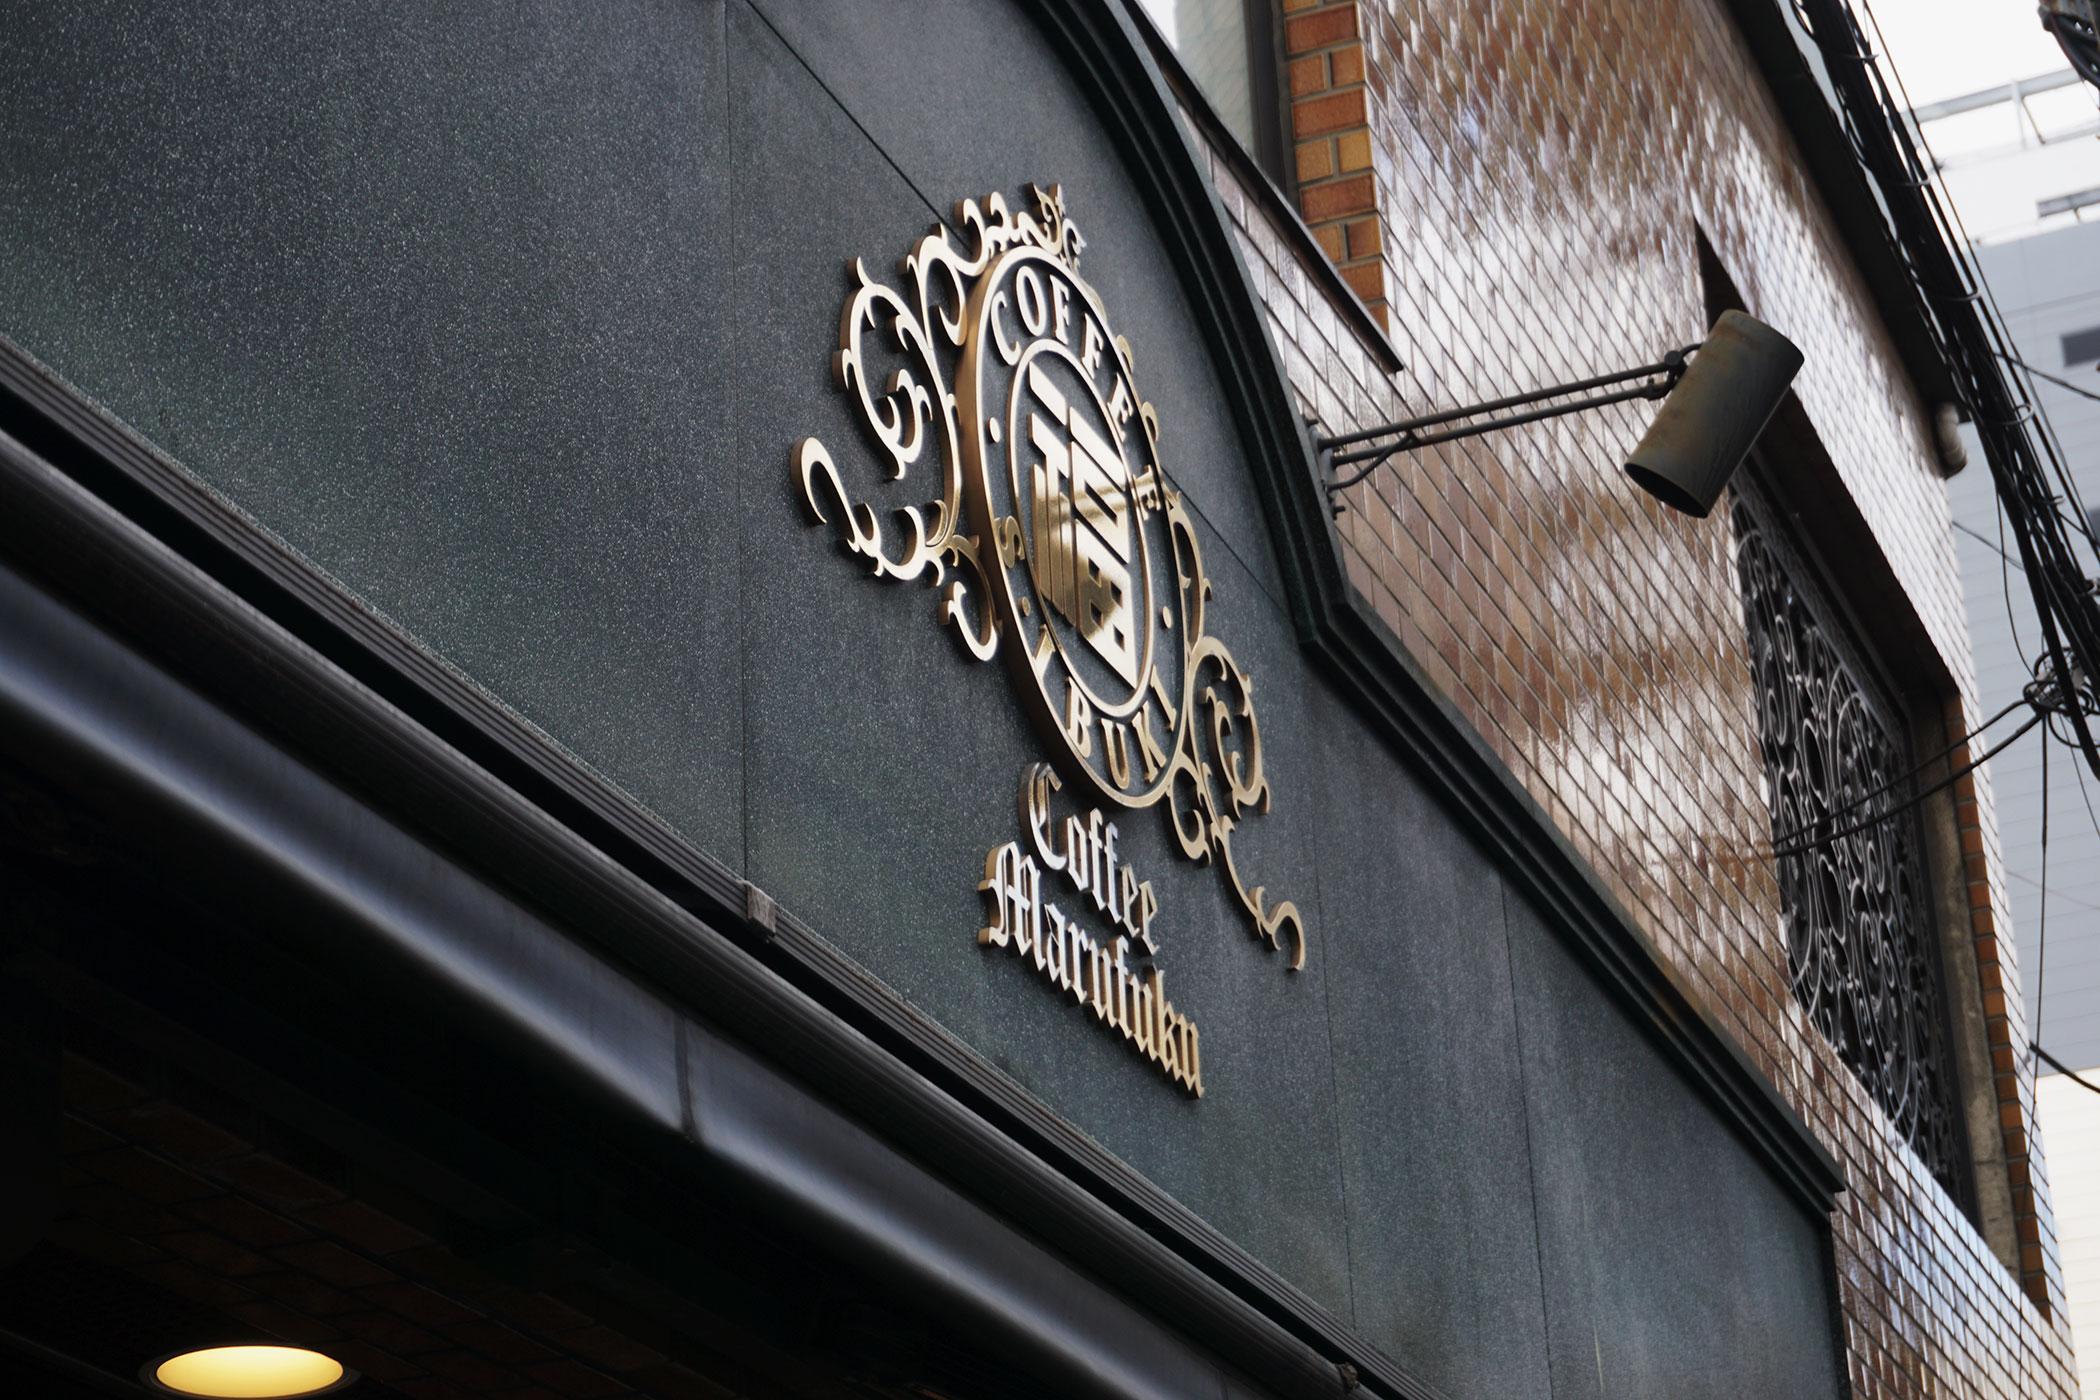 丸福珈琲店 - 千日前本店 創業80年以上。老舗喫茶店のこだわりを味わう